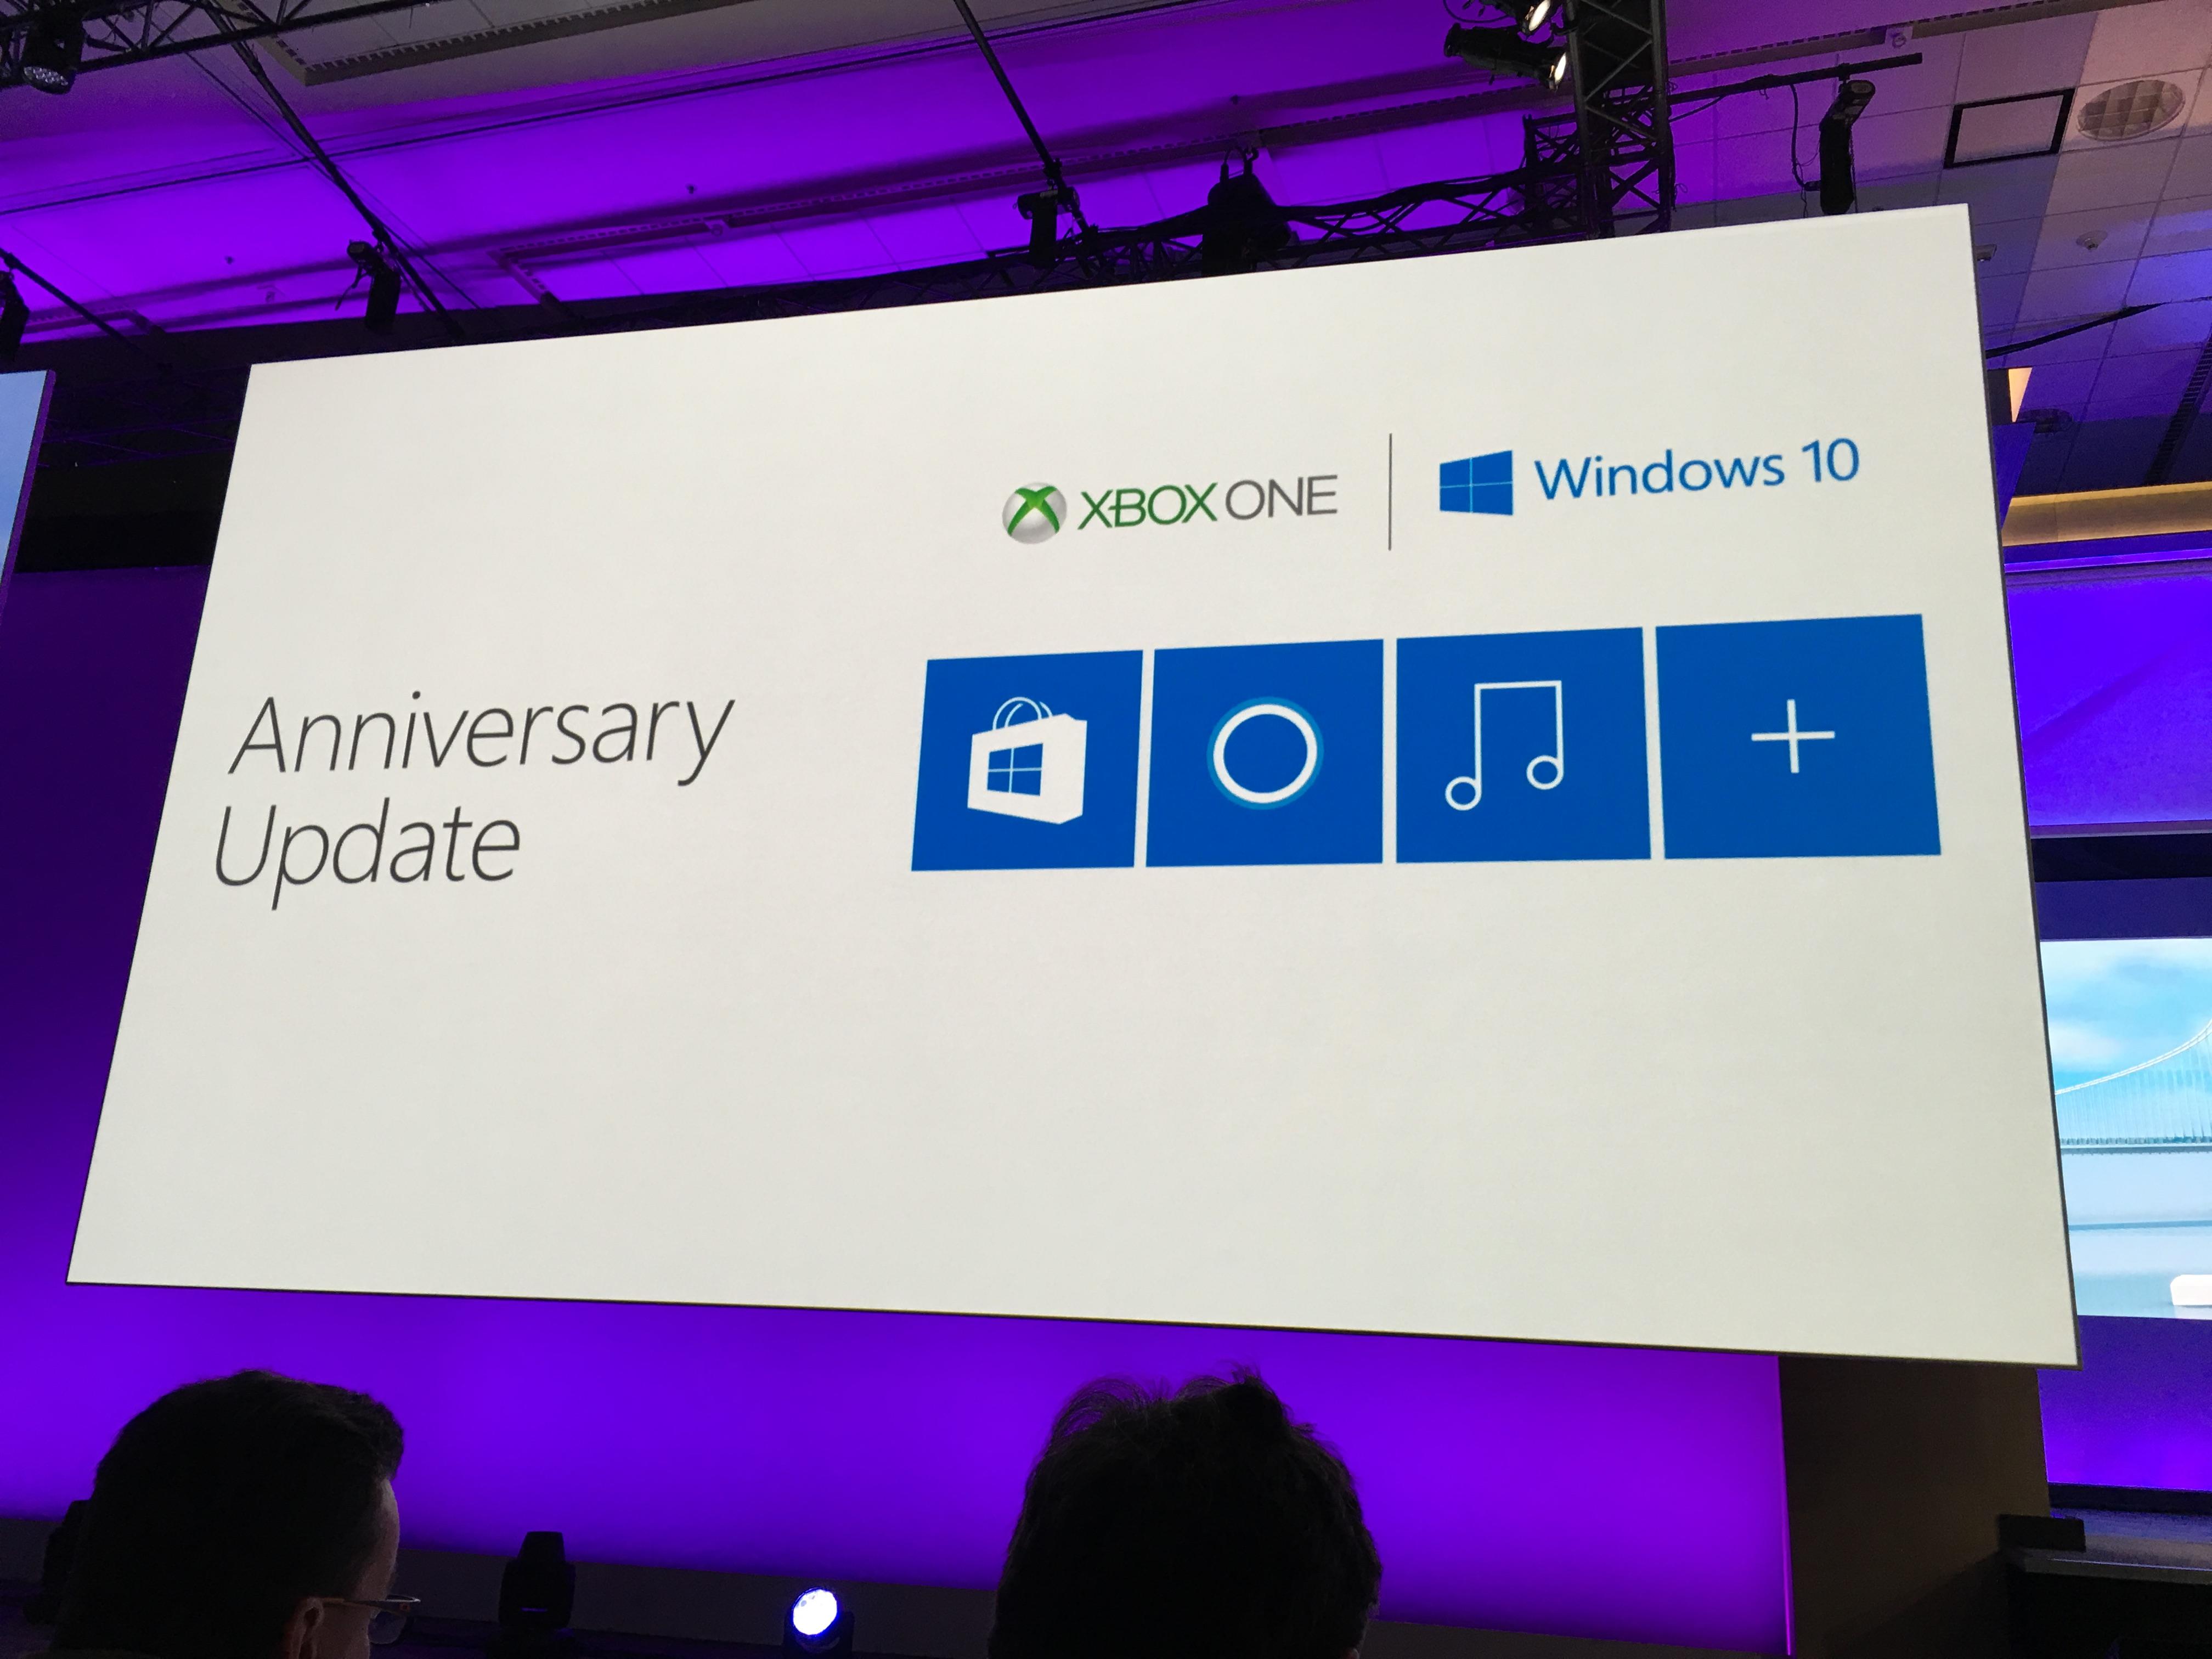 Butikken, Cortana, Groove og mer forbedres i den kommende stor-oppdateringen av WIndows 10 til Xbox og PC-er.